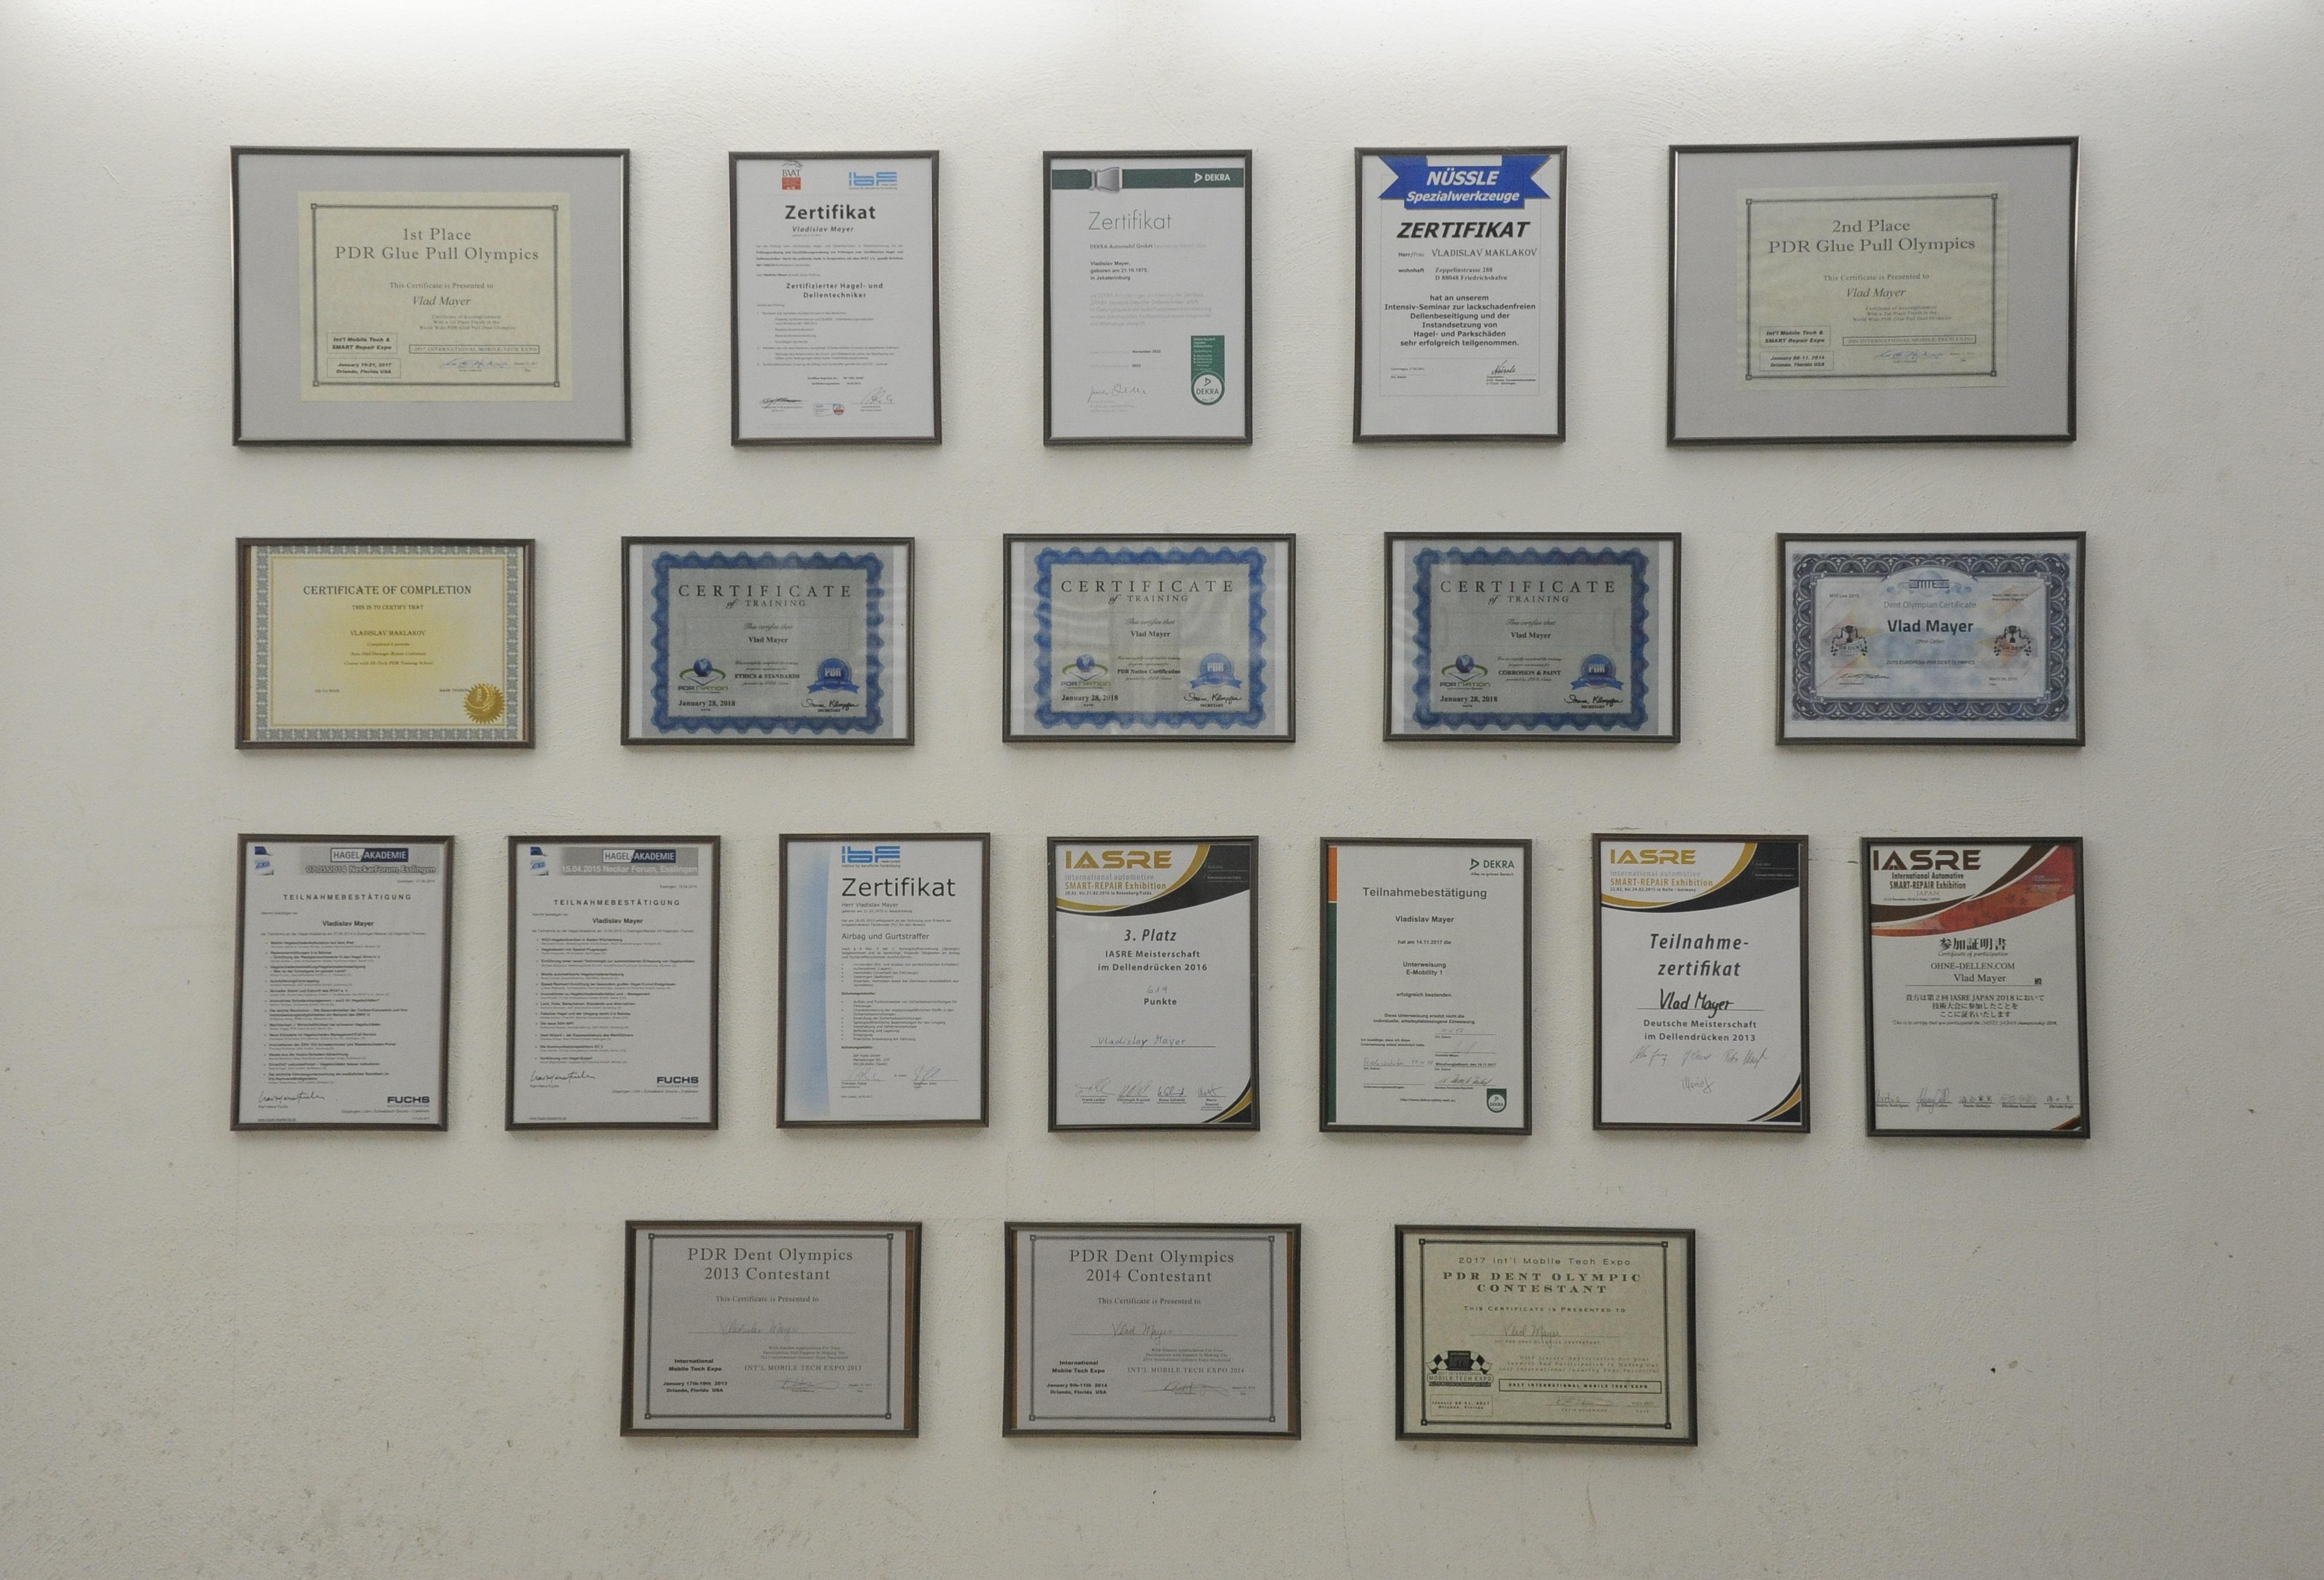 Alle Zertifikate